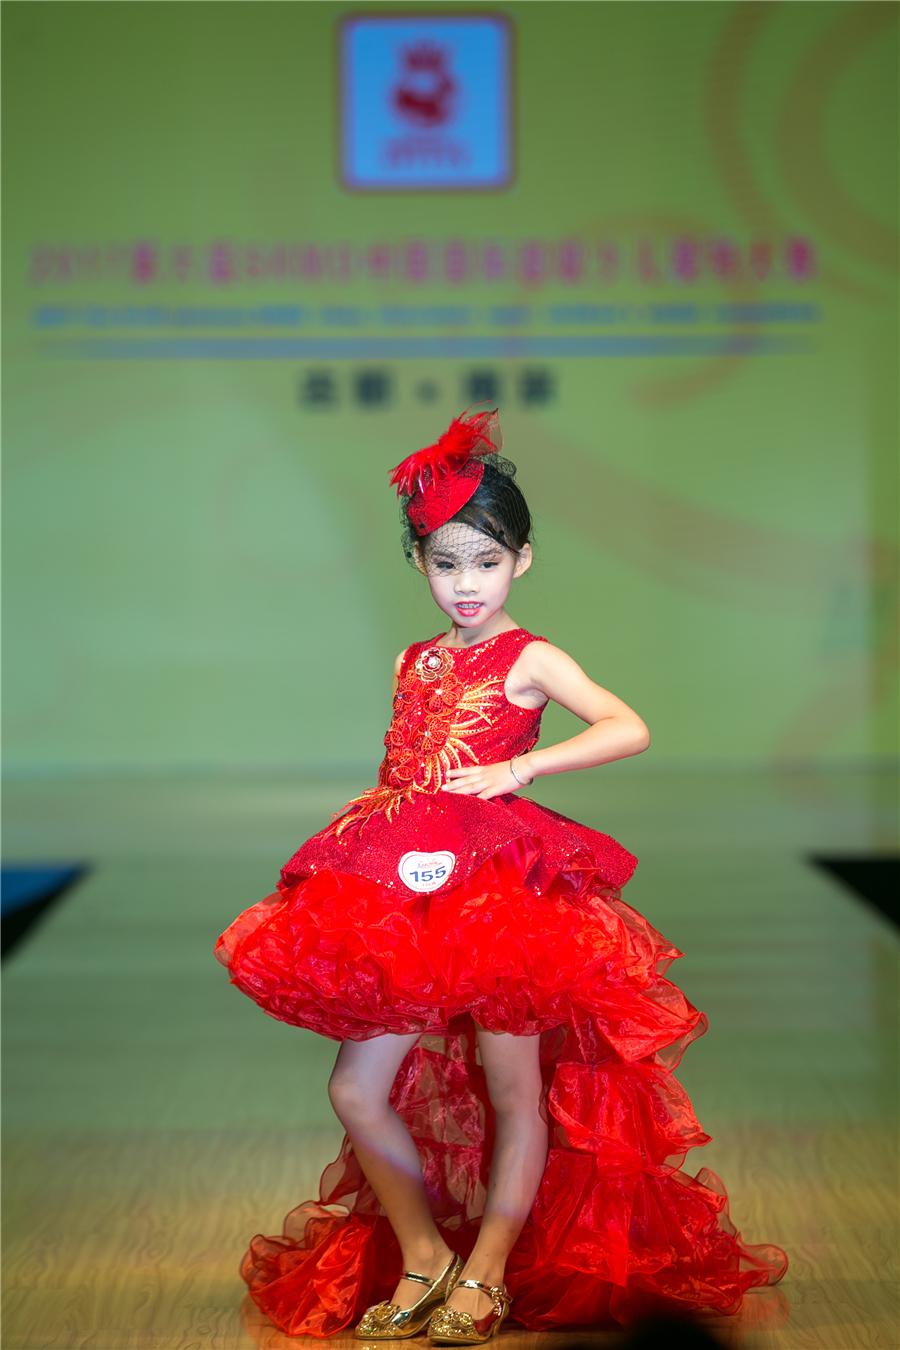 姚清菁—2017第六屆SKMD中國國際超級少兒模特大賽——兒童組季軍